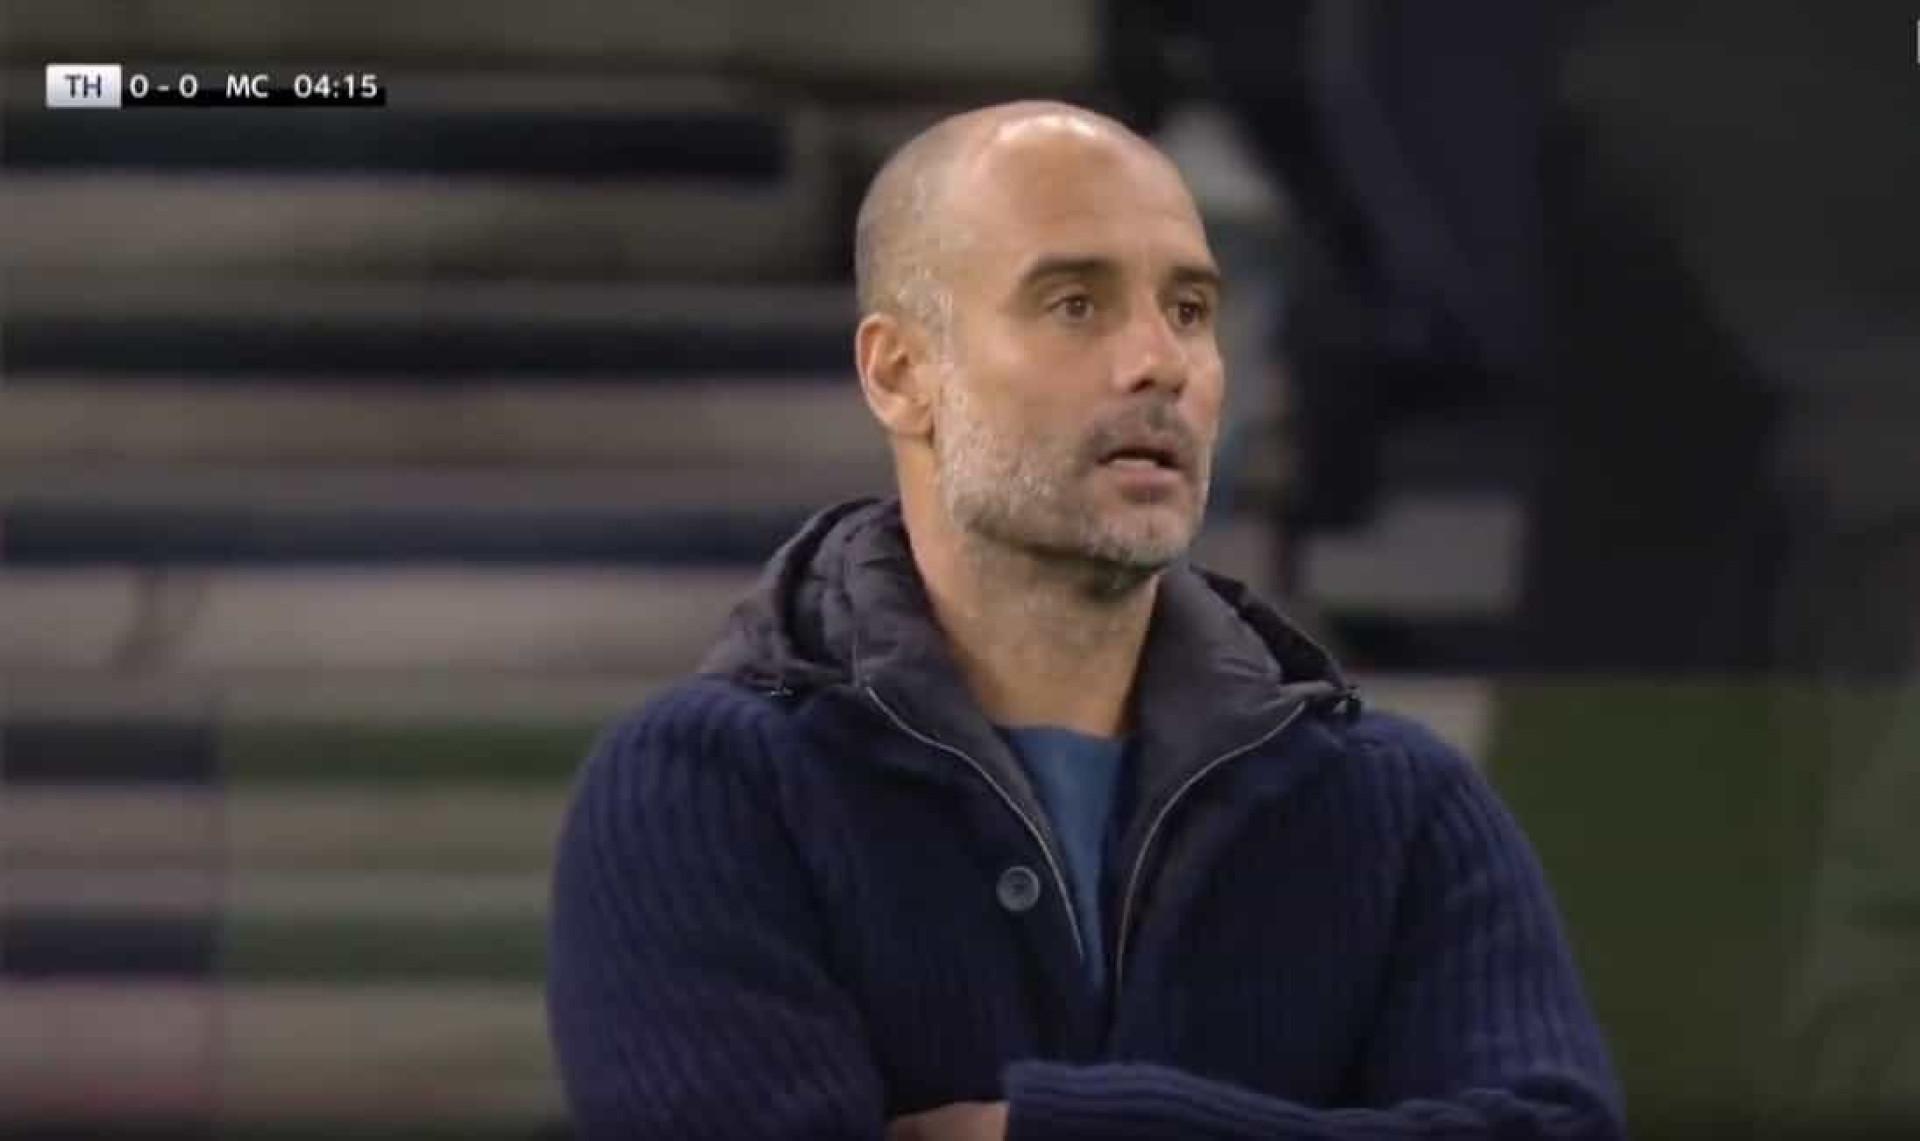 Cinco minutos e Mourinho já vence Guardiola. A cara do espanhol diz tudo